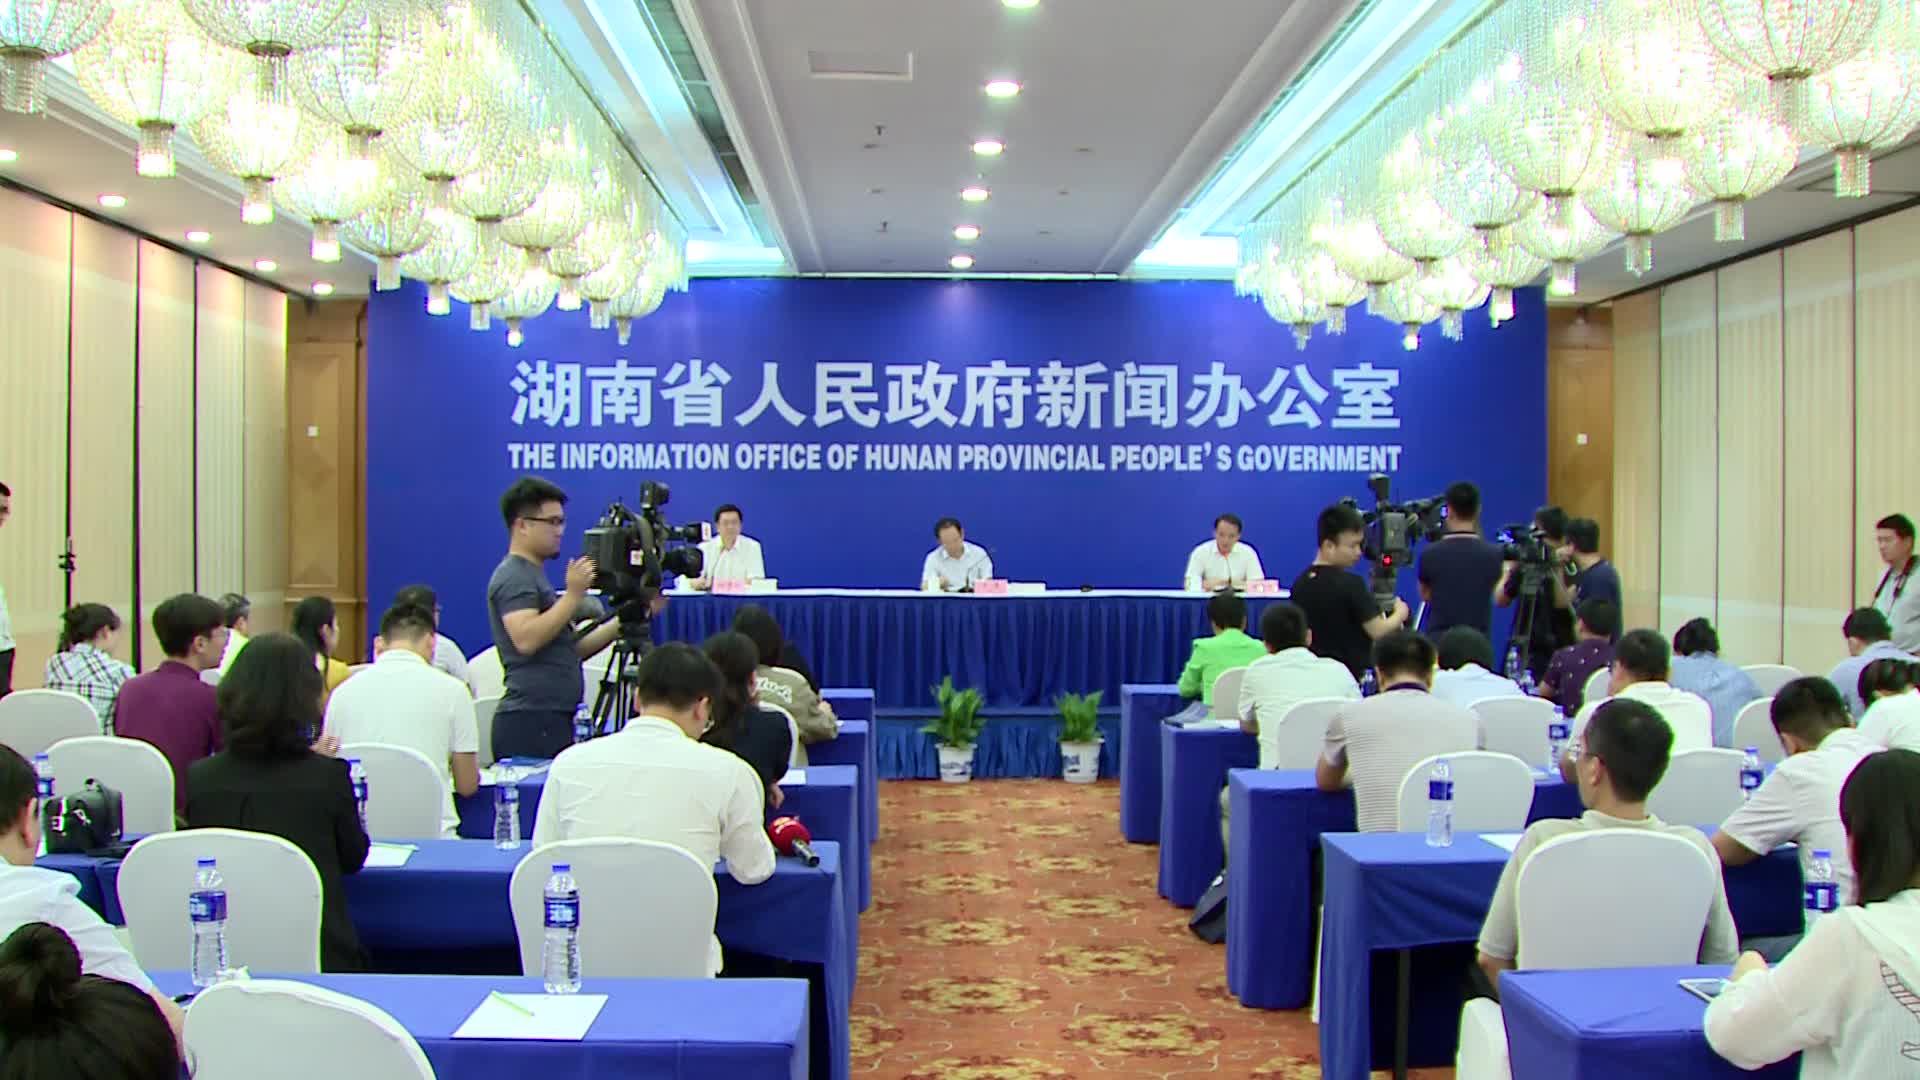 【全程回放】《2018年湖南蓝皮书》新闻发布会